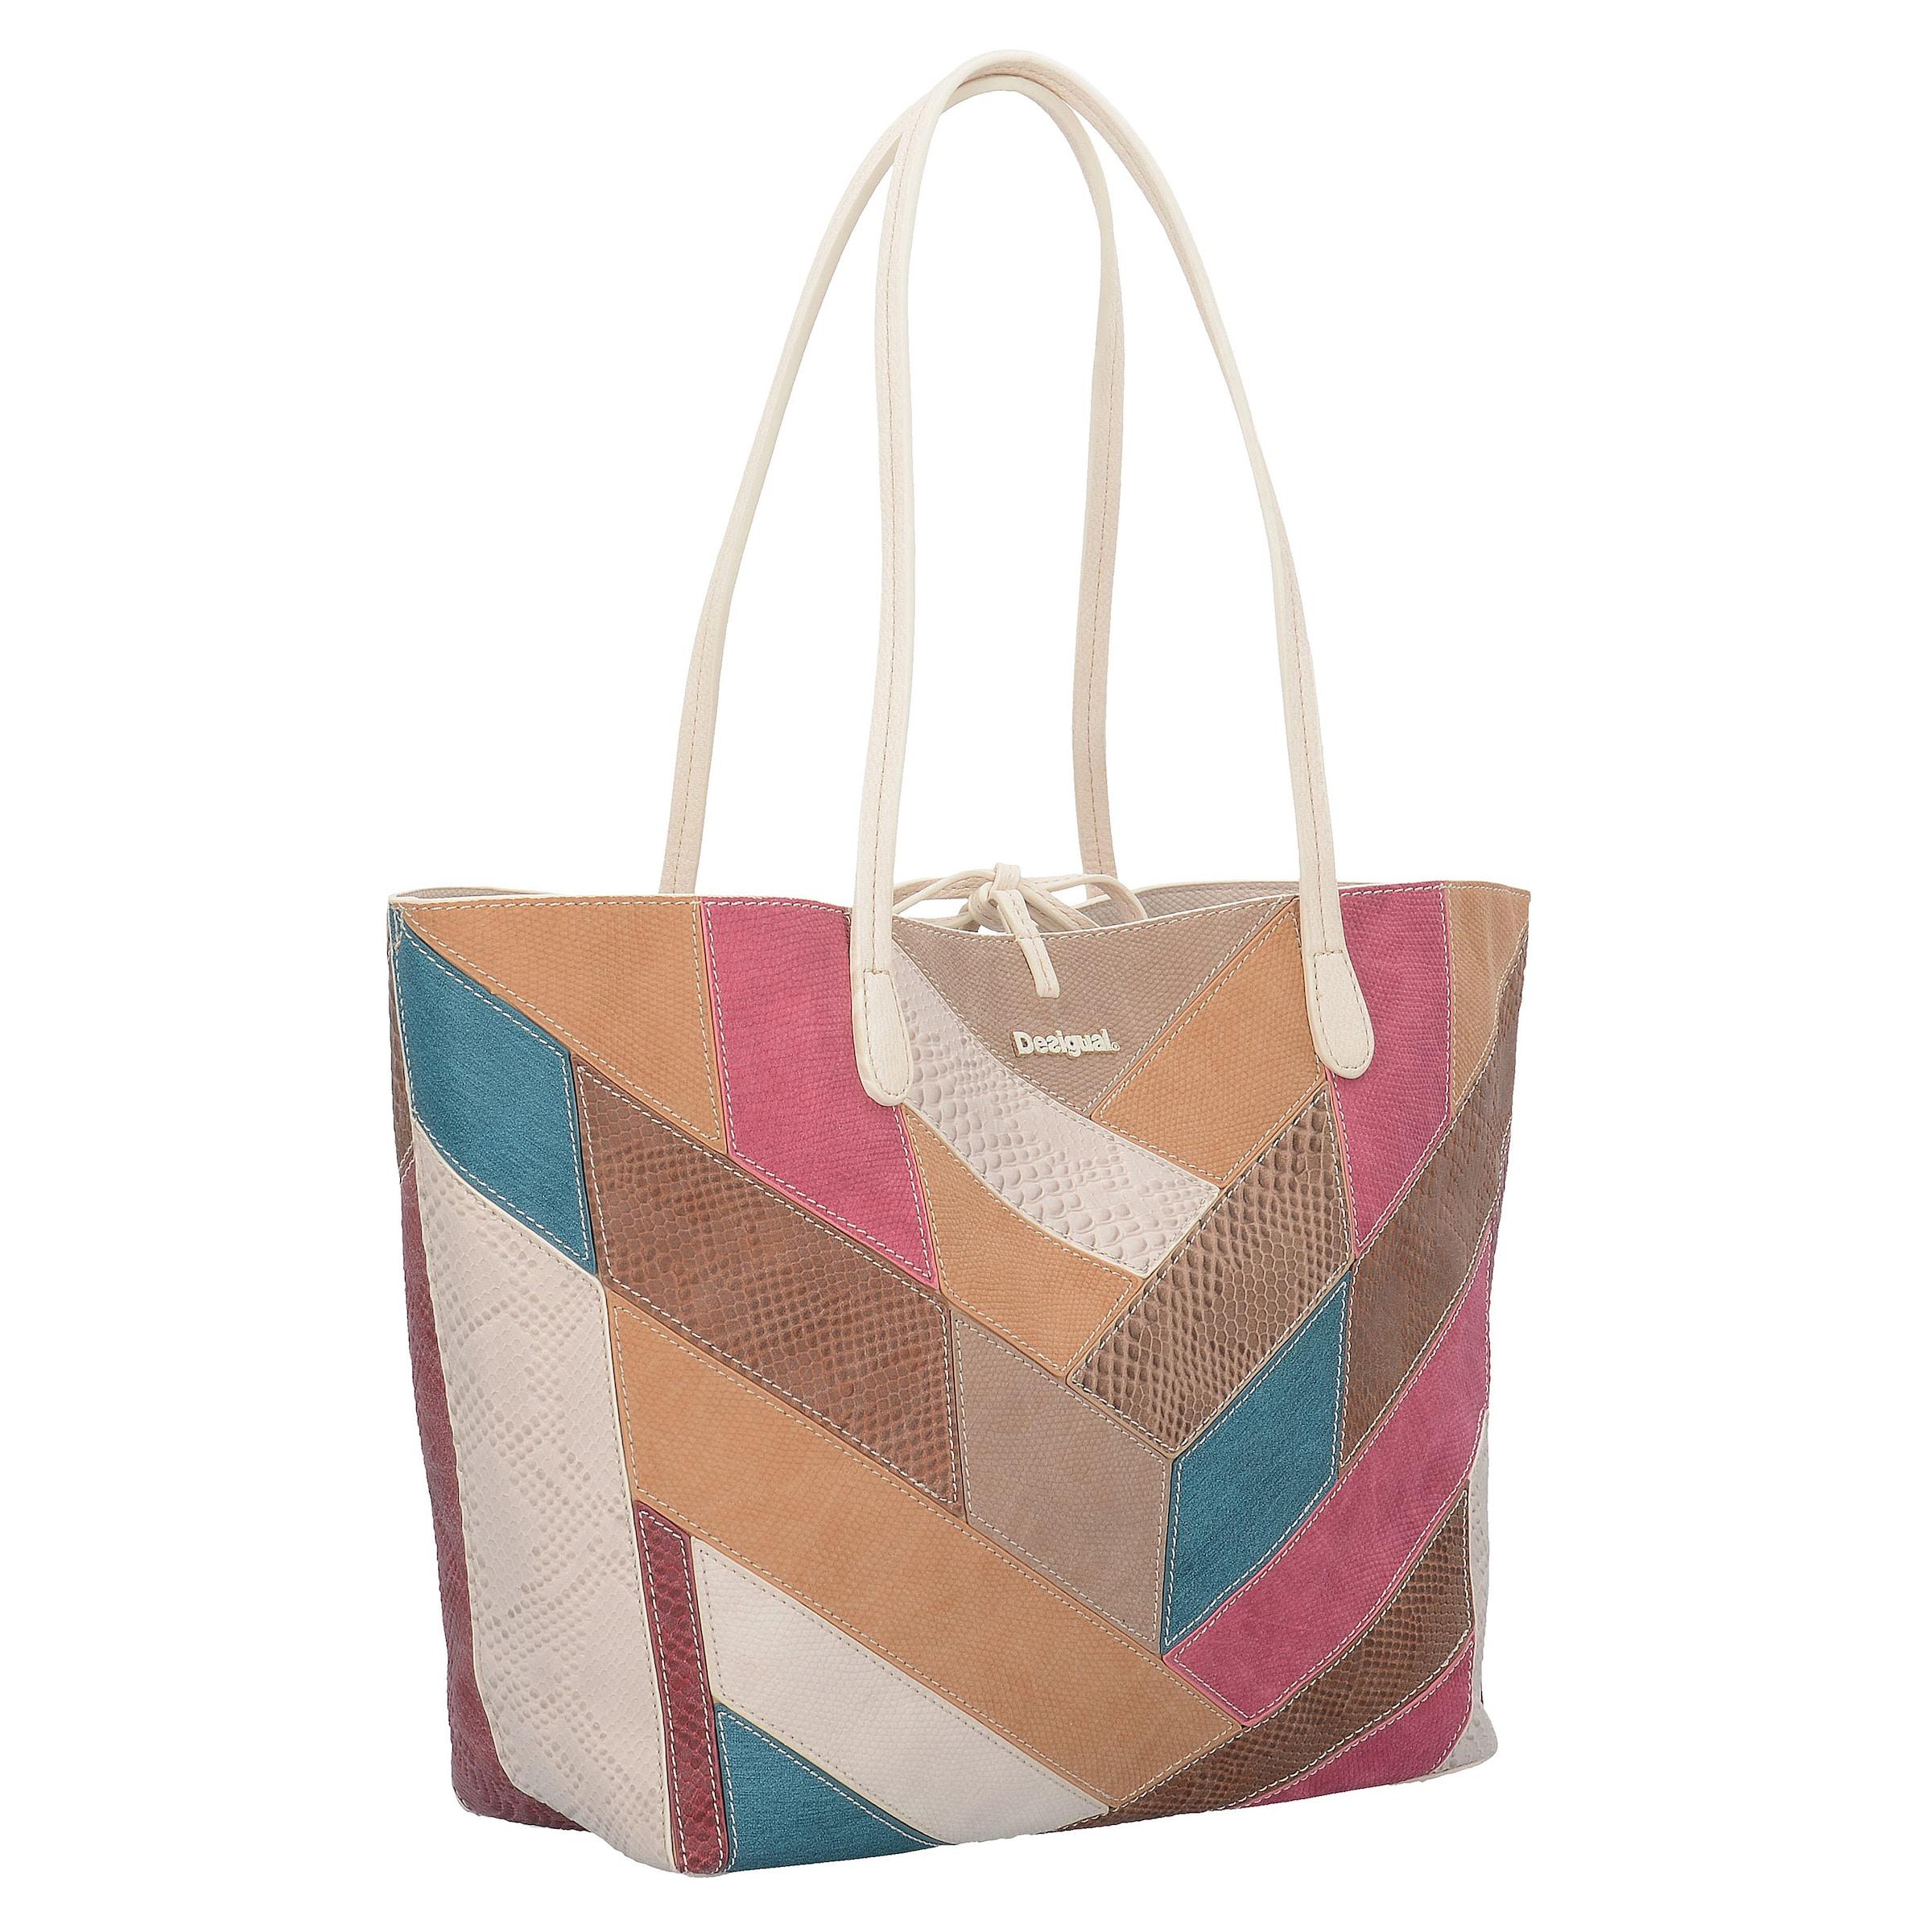 Desigual BOLS Capri Talia Shopper Tasche 30 cm Gutes Verkauf Günstig Online Outlet Rabatt Verkauf Spielraum Neueste ITm53u5izI